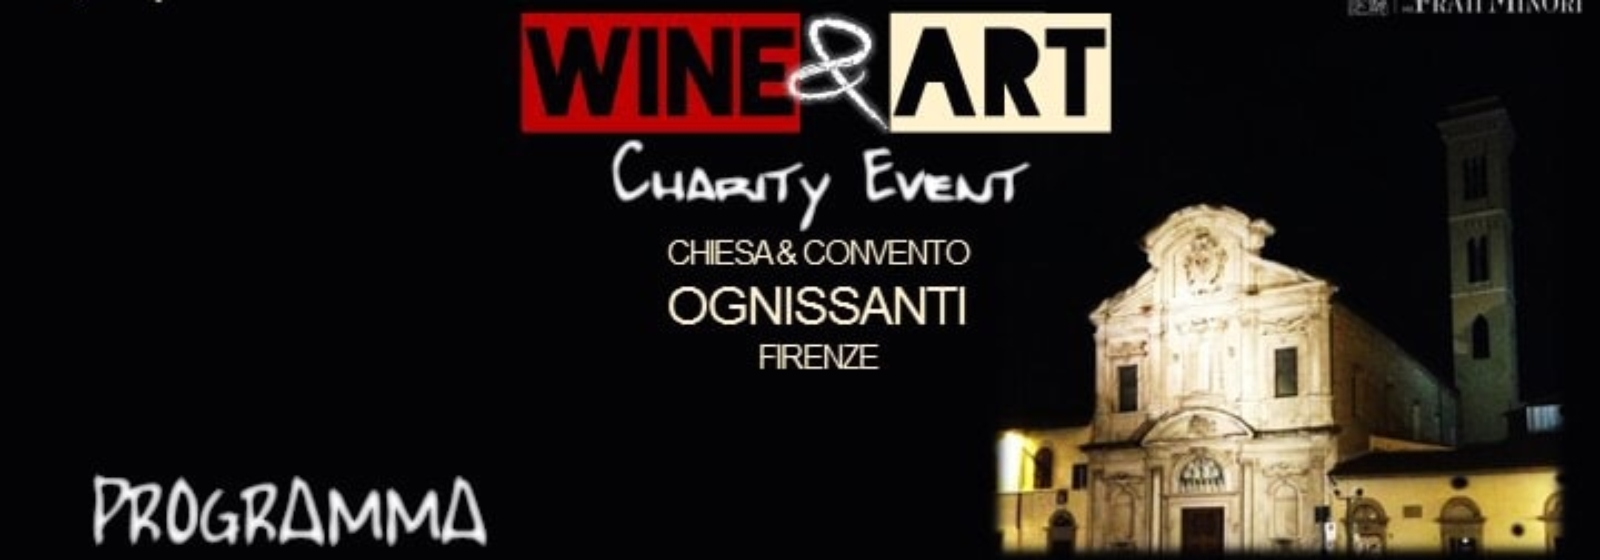 Wine & Art - Charity Event, Chiesa di Ognissanti - Firenze 1